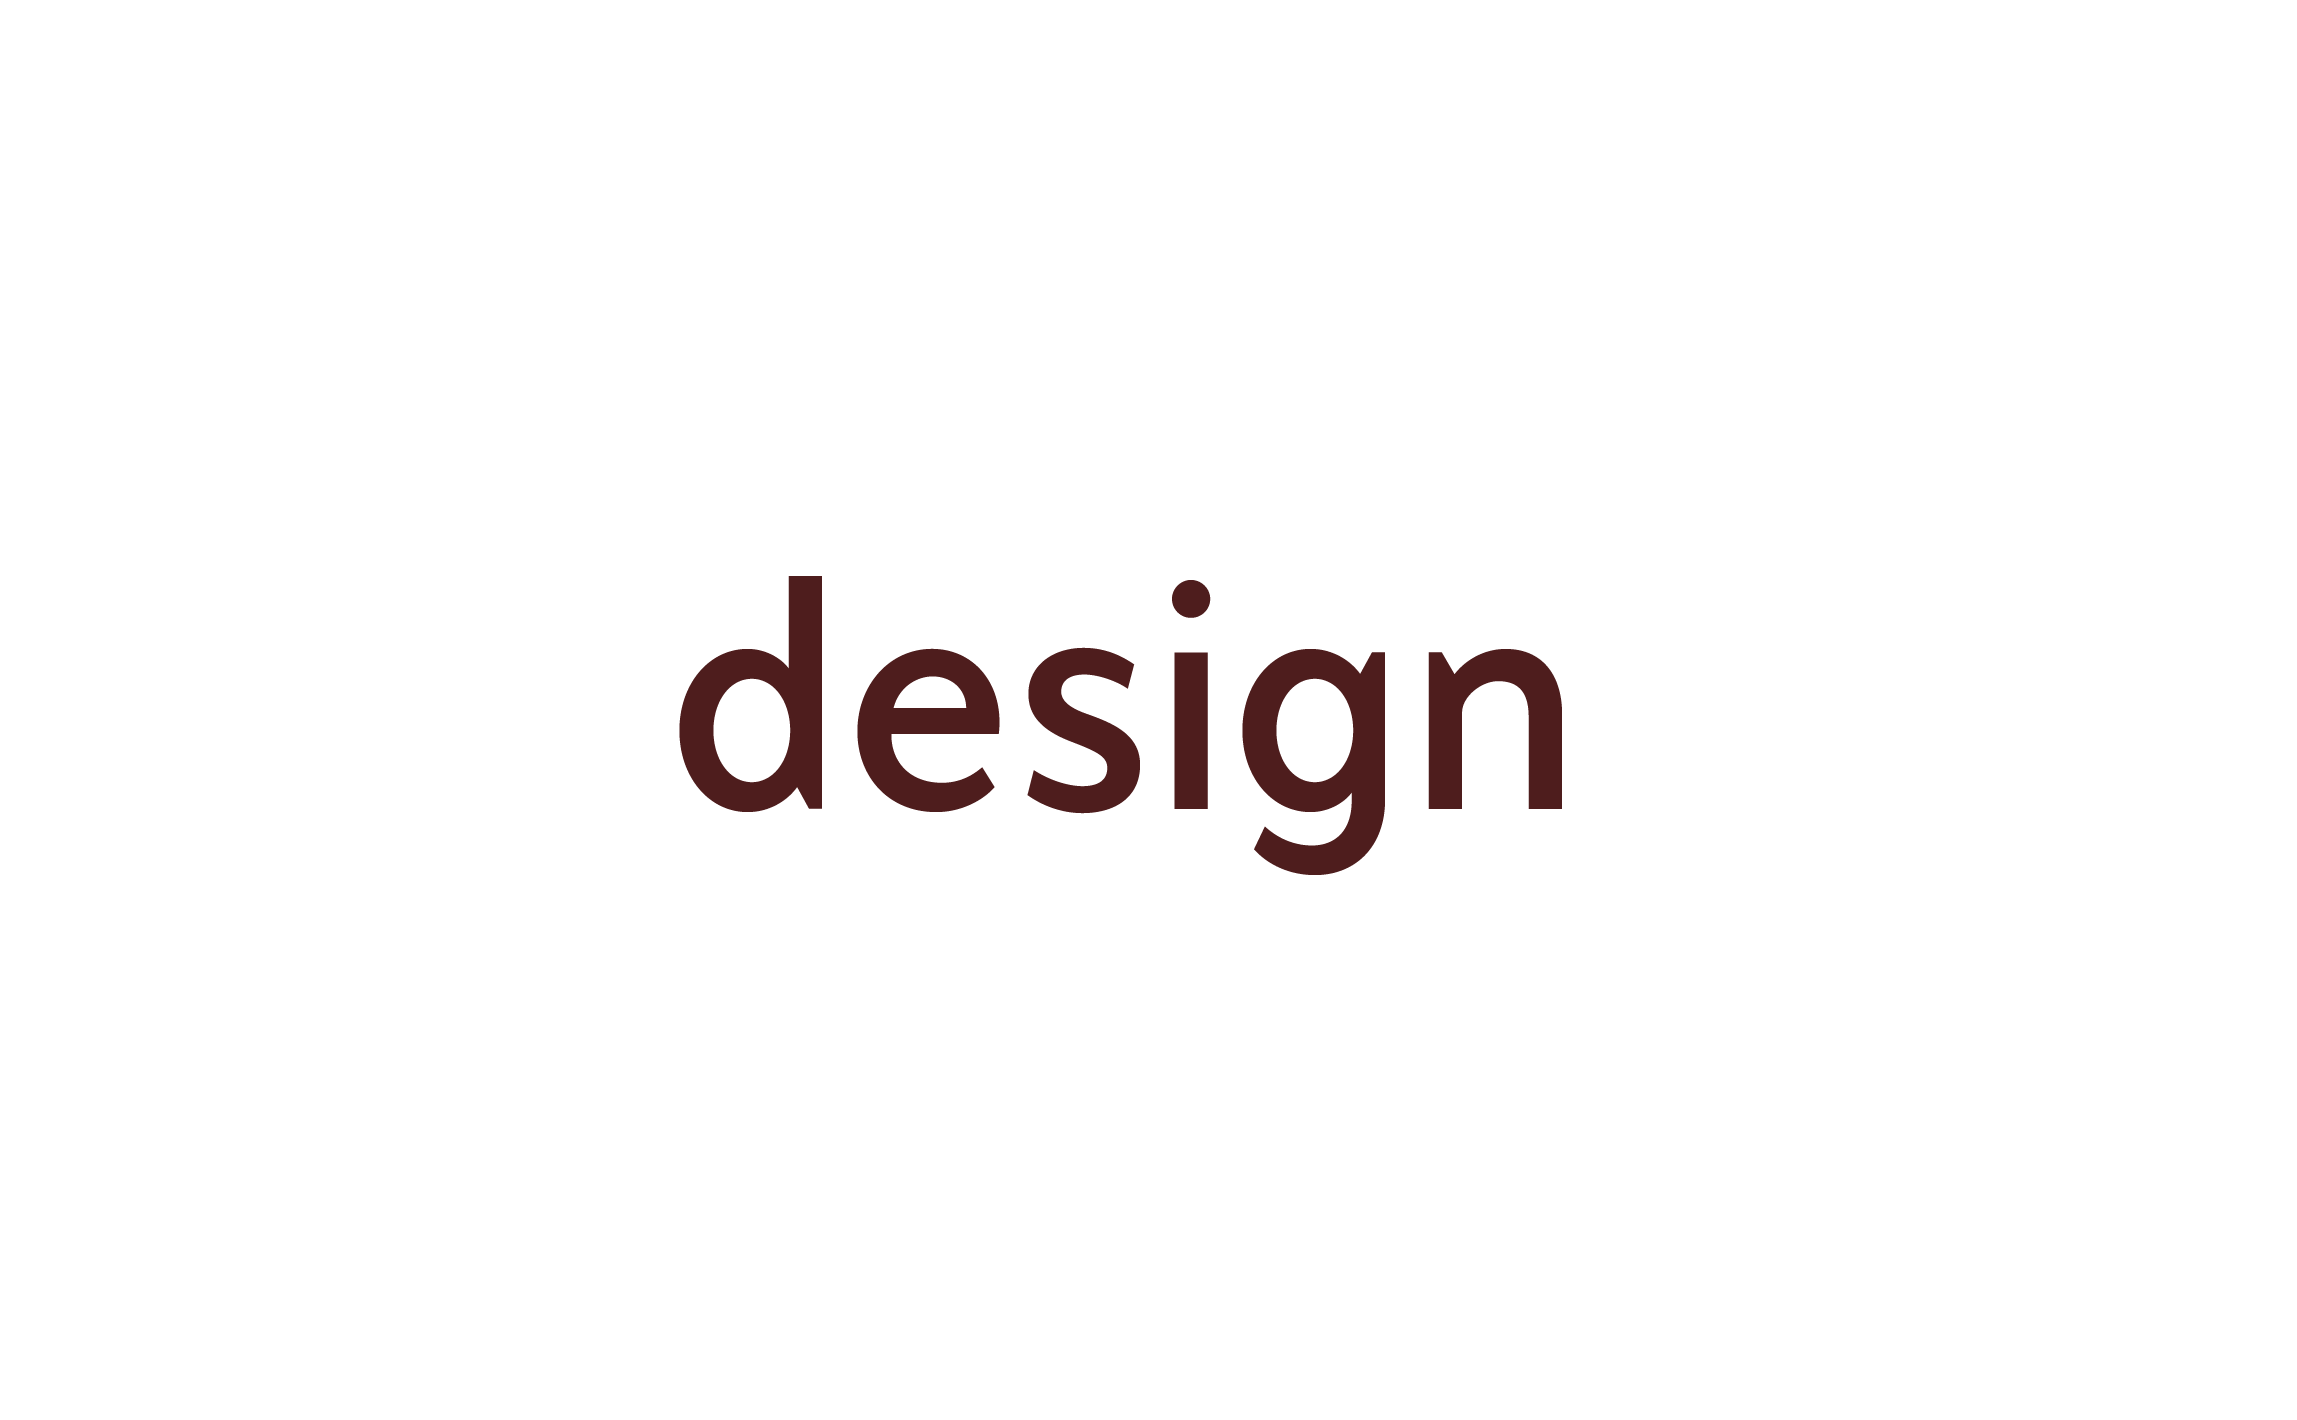 design-JDsite-01-01.png